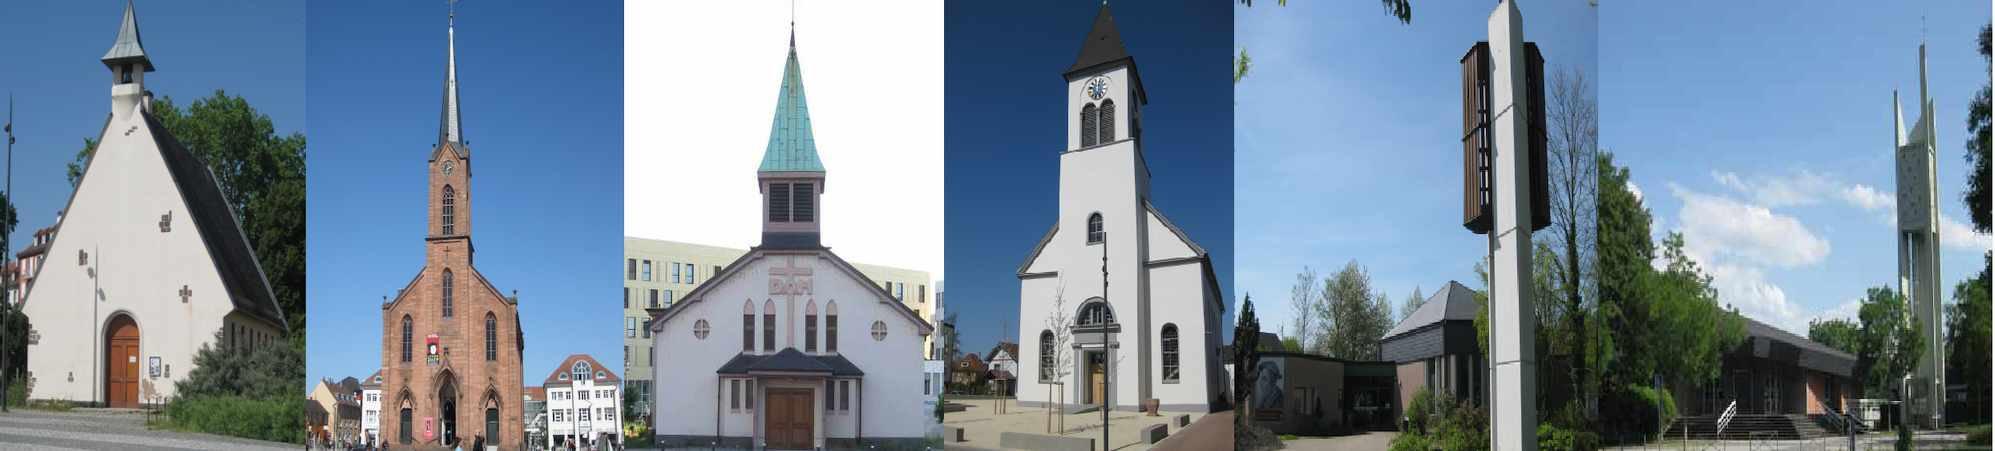 Quelle: Evang.KG Kehl -  Kirchen von links:  Chapelle de la recontre - Friedenskirche - Église Ste.Jeanne d´Arc - Christuskirche - Johanneskirche - St.Matthieu